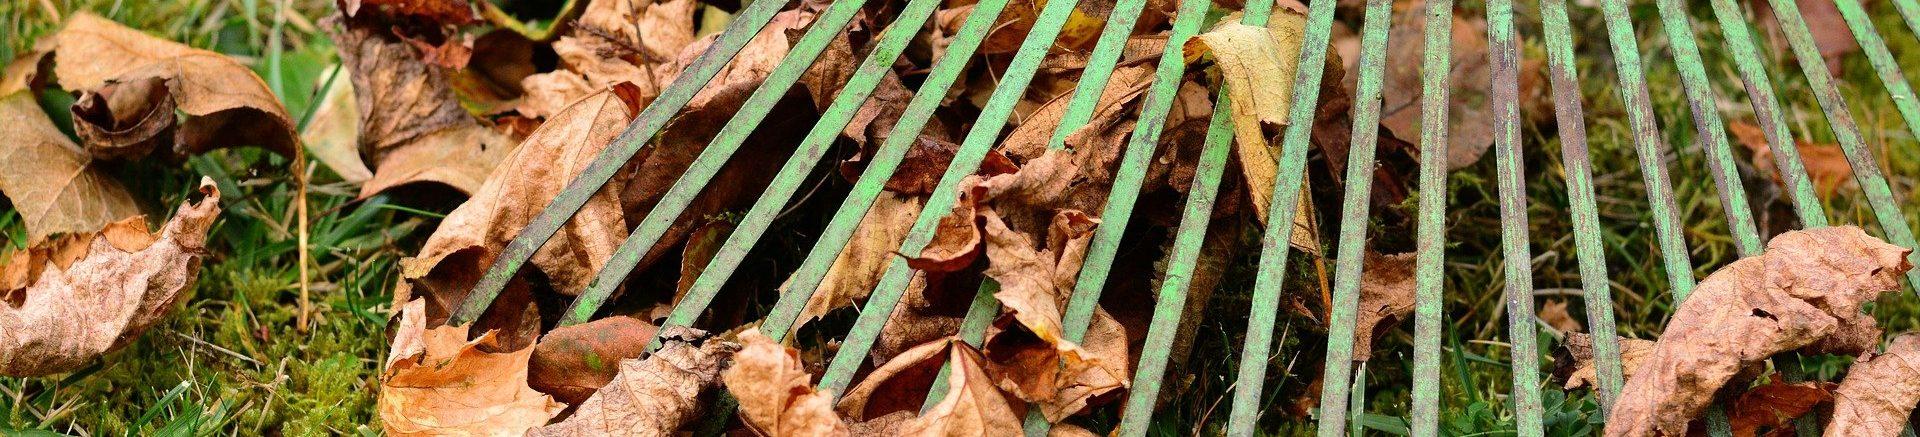 leaves-2901684_1920